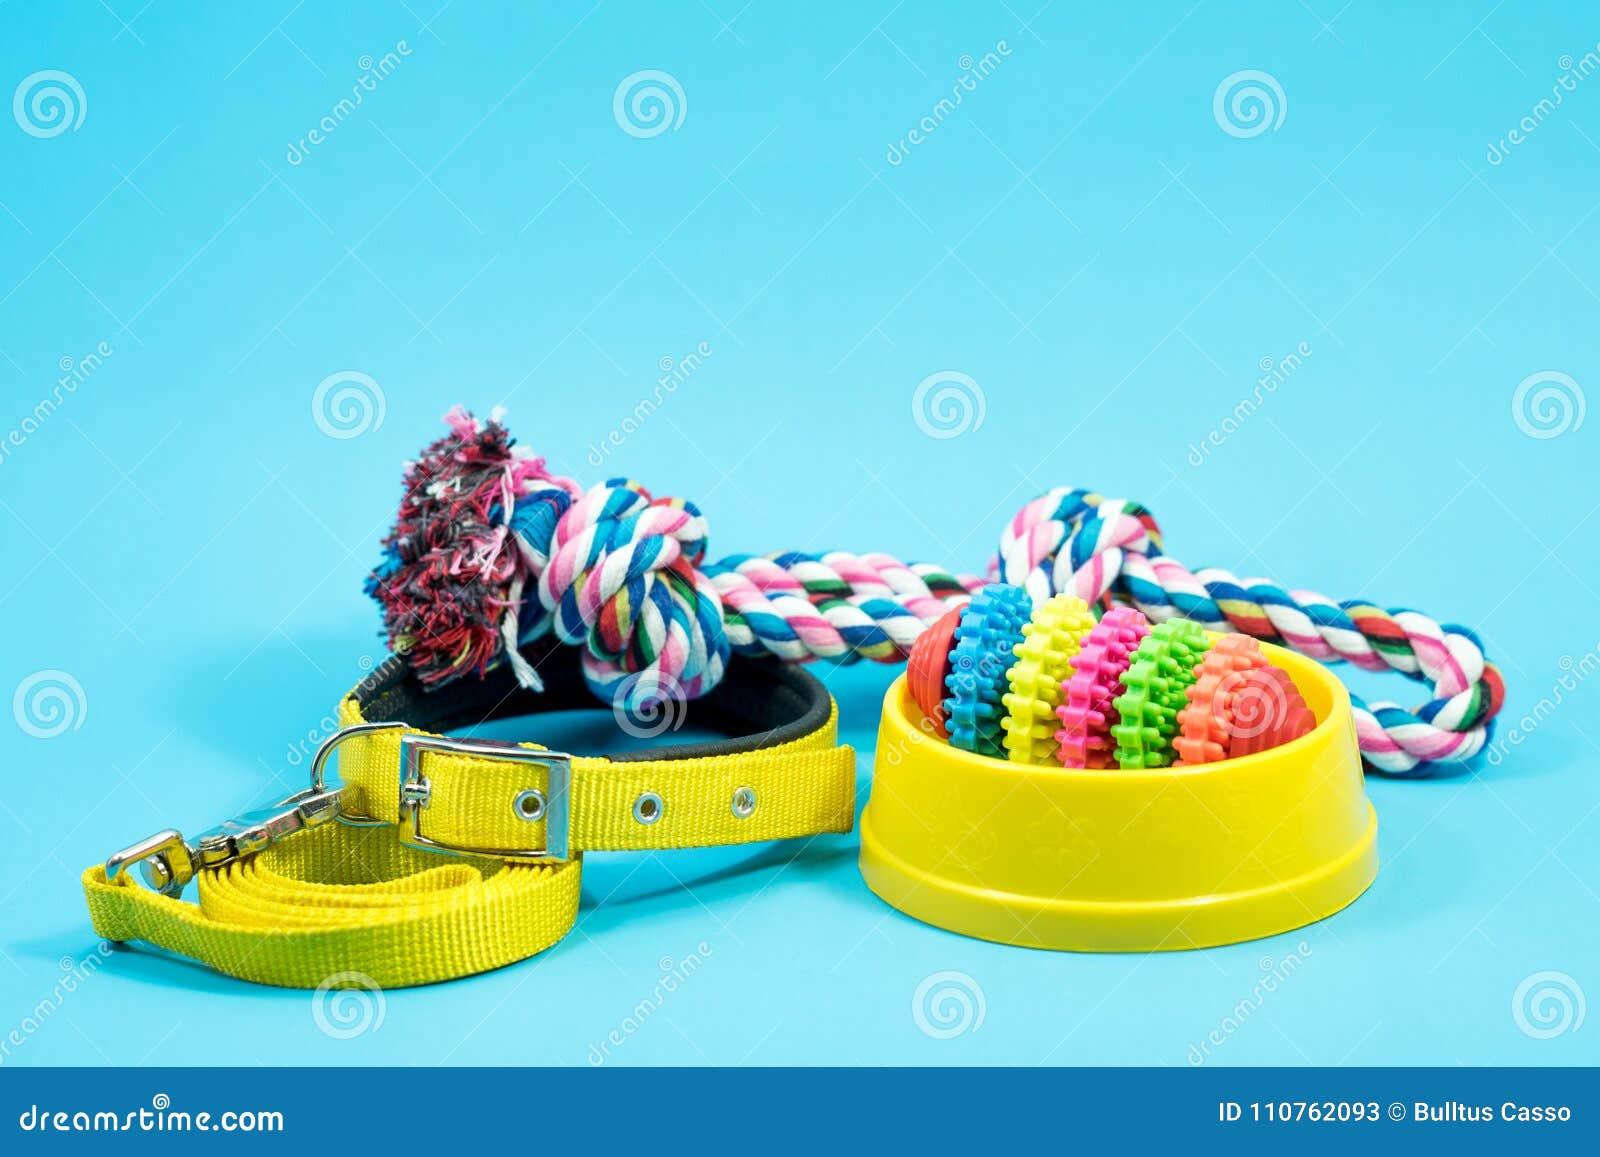 碗、衣领有玩具绳索的和叮咬为蓝色背景系住